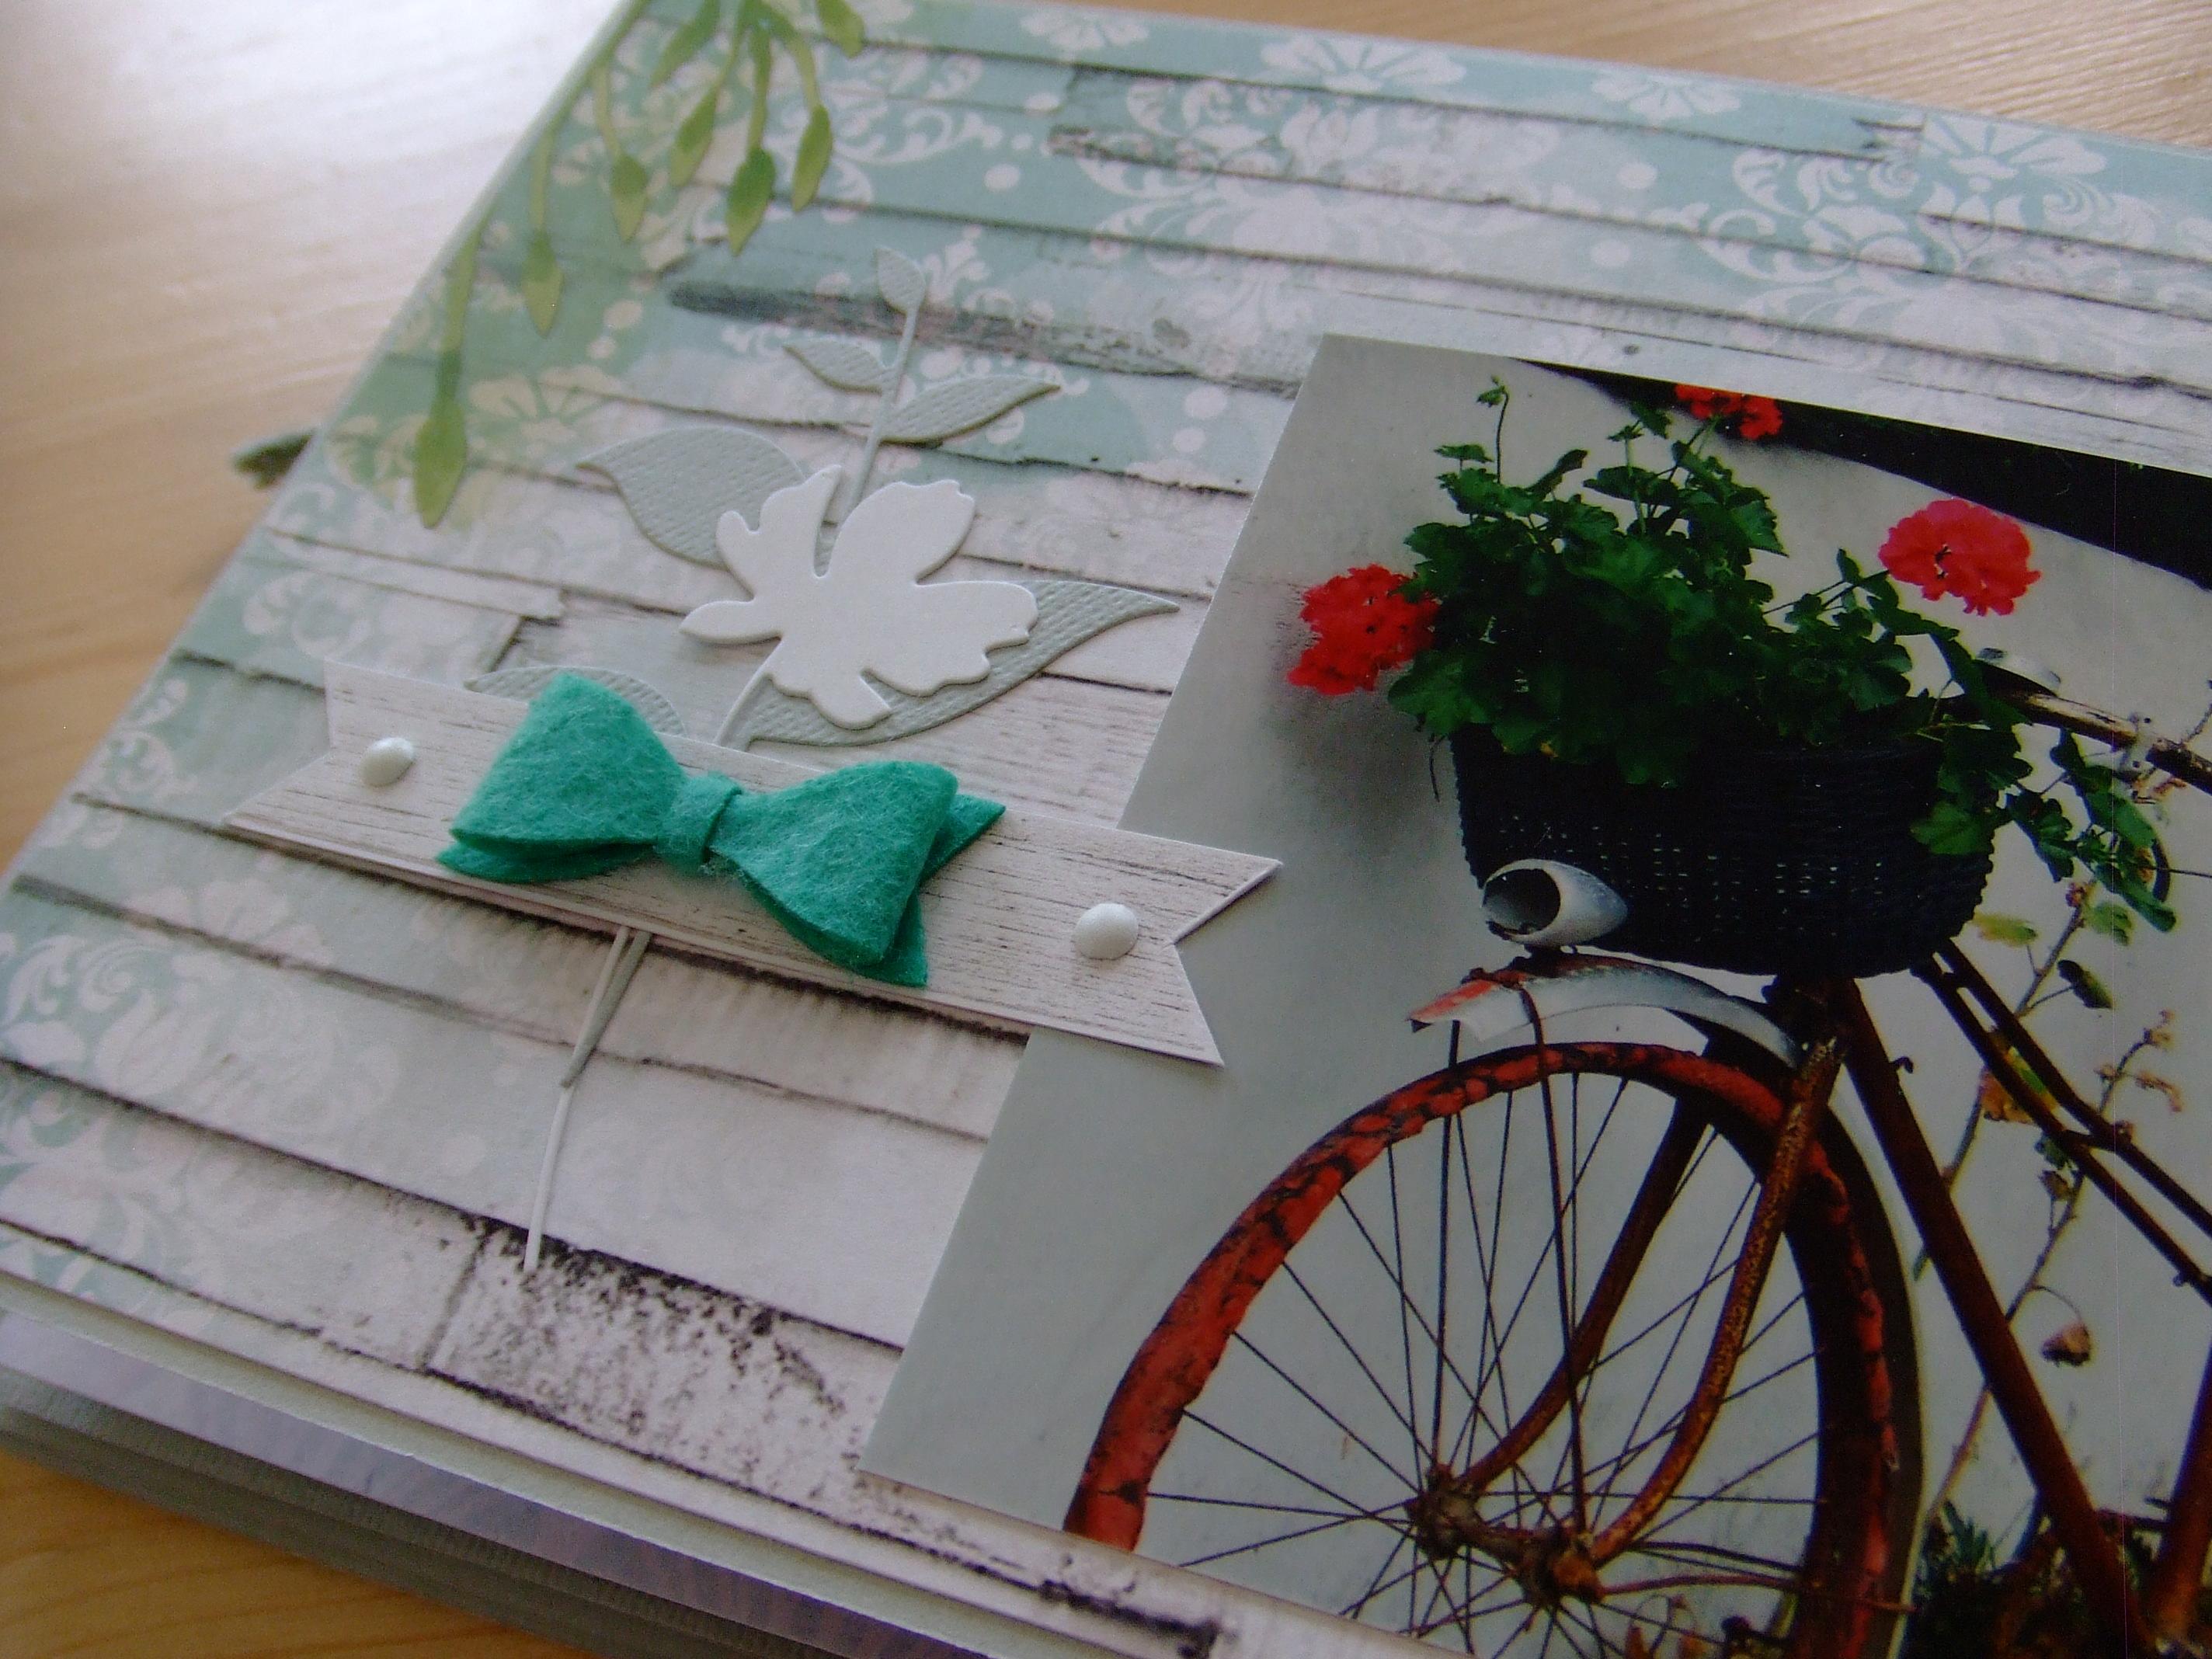 Vente en kit Un p'tit brin de Bohême mini-album scrap scrapbooking couleurs-en-folie papiers scrap-plaisir attrape-rêve